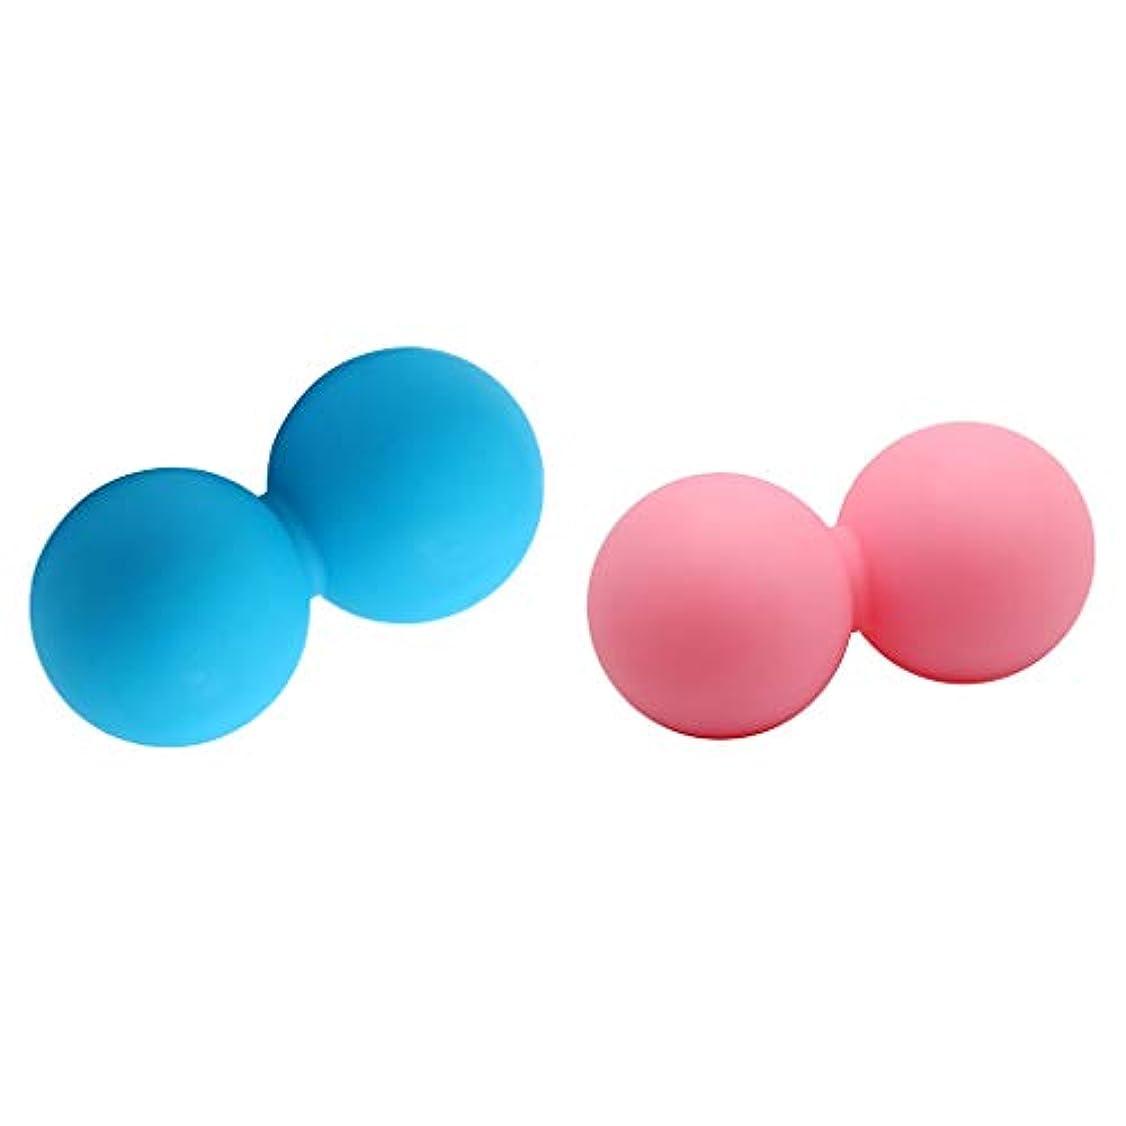 煙佐賀生2個 マッサージボール ピーナッツ ダブルラクロスマッサージボール 筋膜リリース 家庭、オフィス旅行